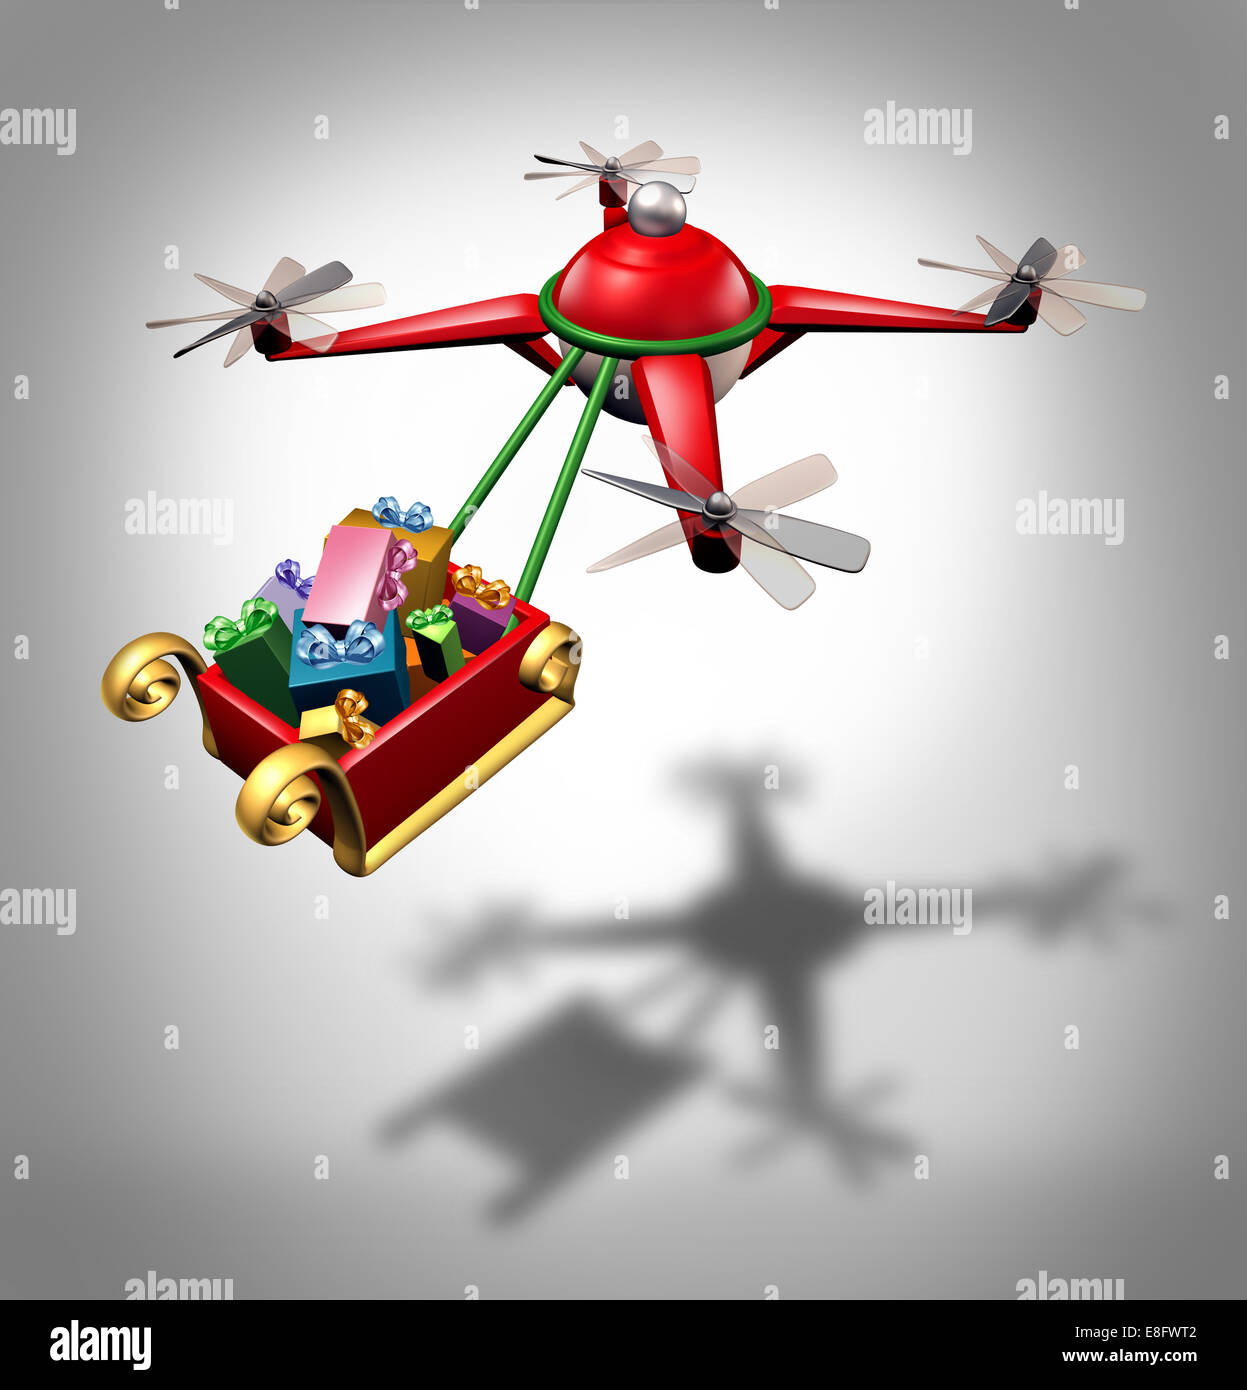 Drone regali di Natale consegna come una slitta di natale concetto il trasporto si presenta con una santa clausola Immagini Stock